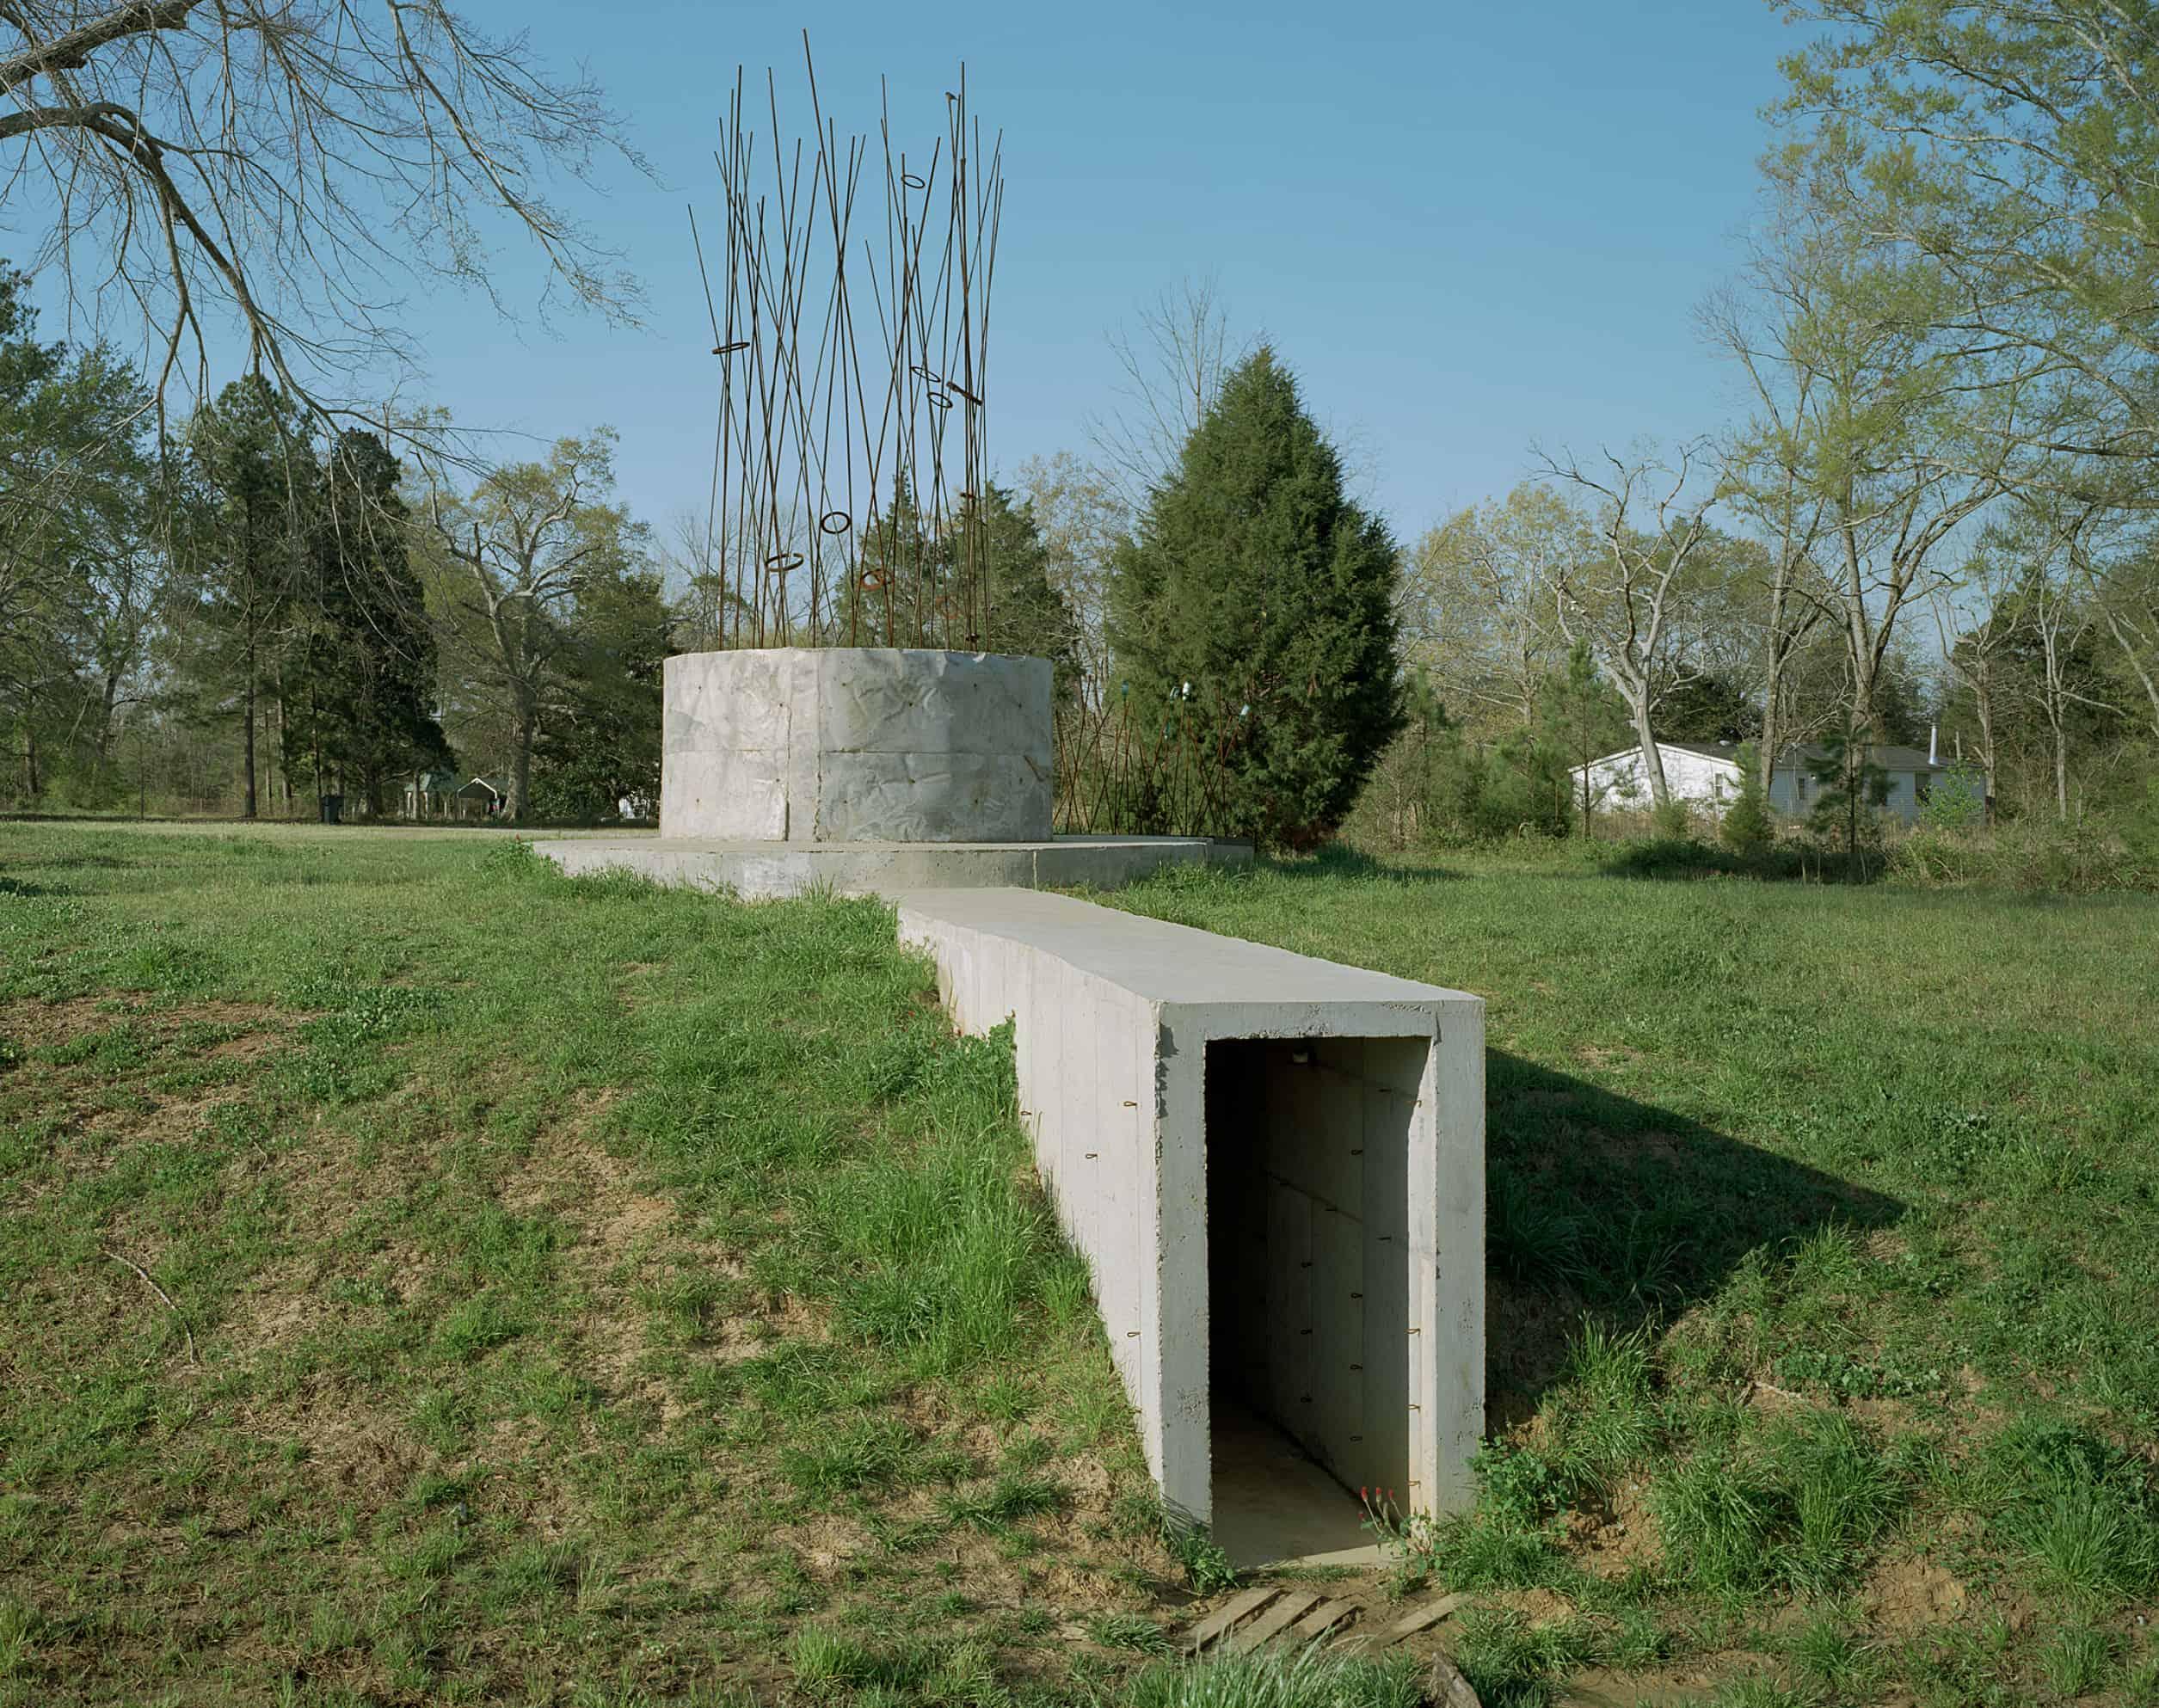 tunnel entrance into Subrosa